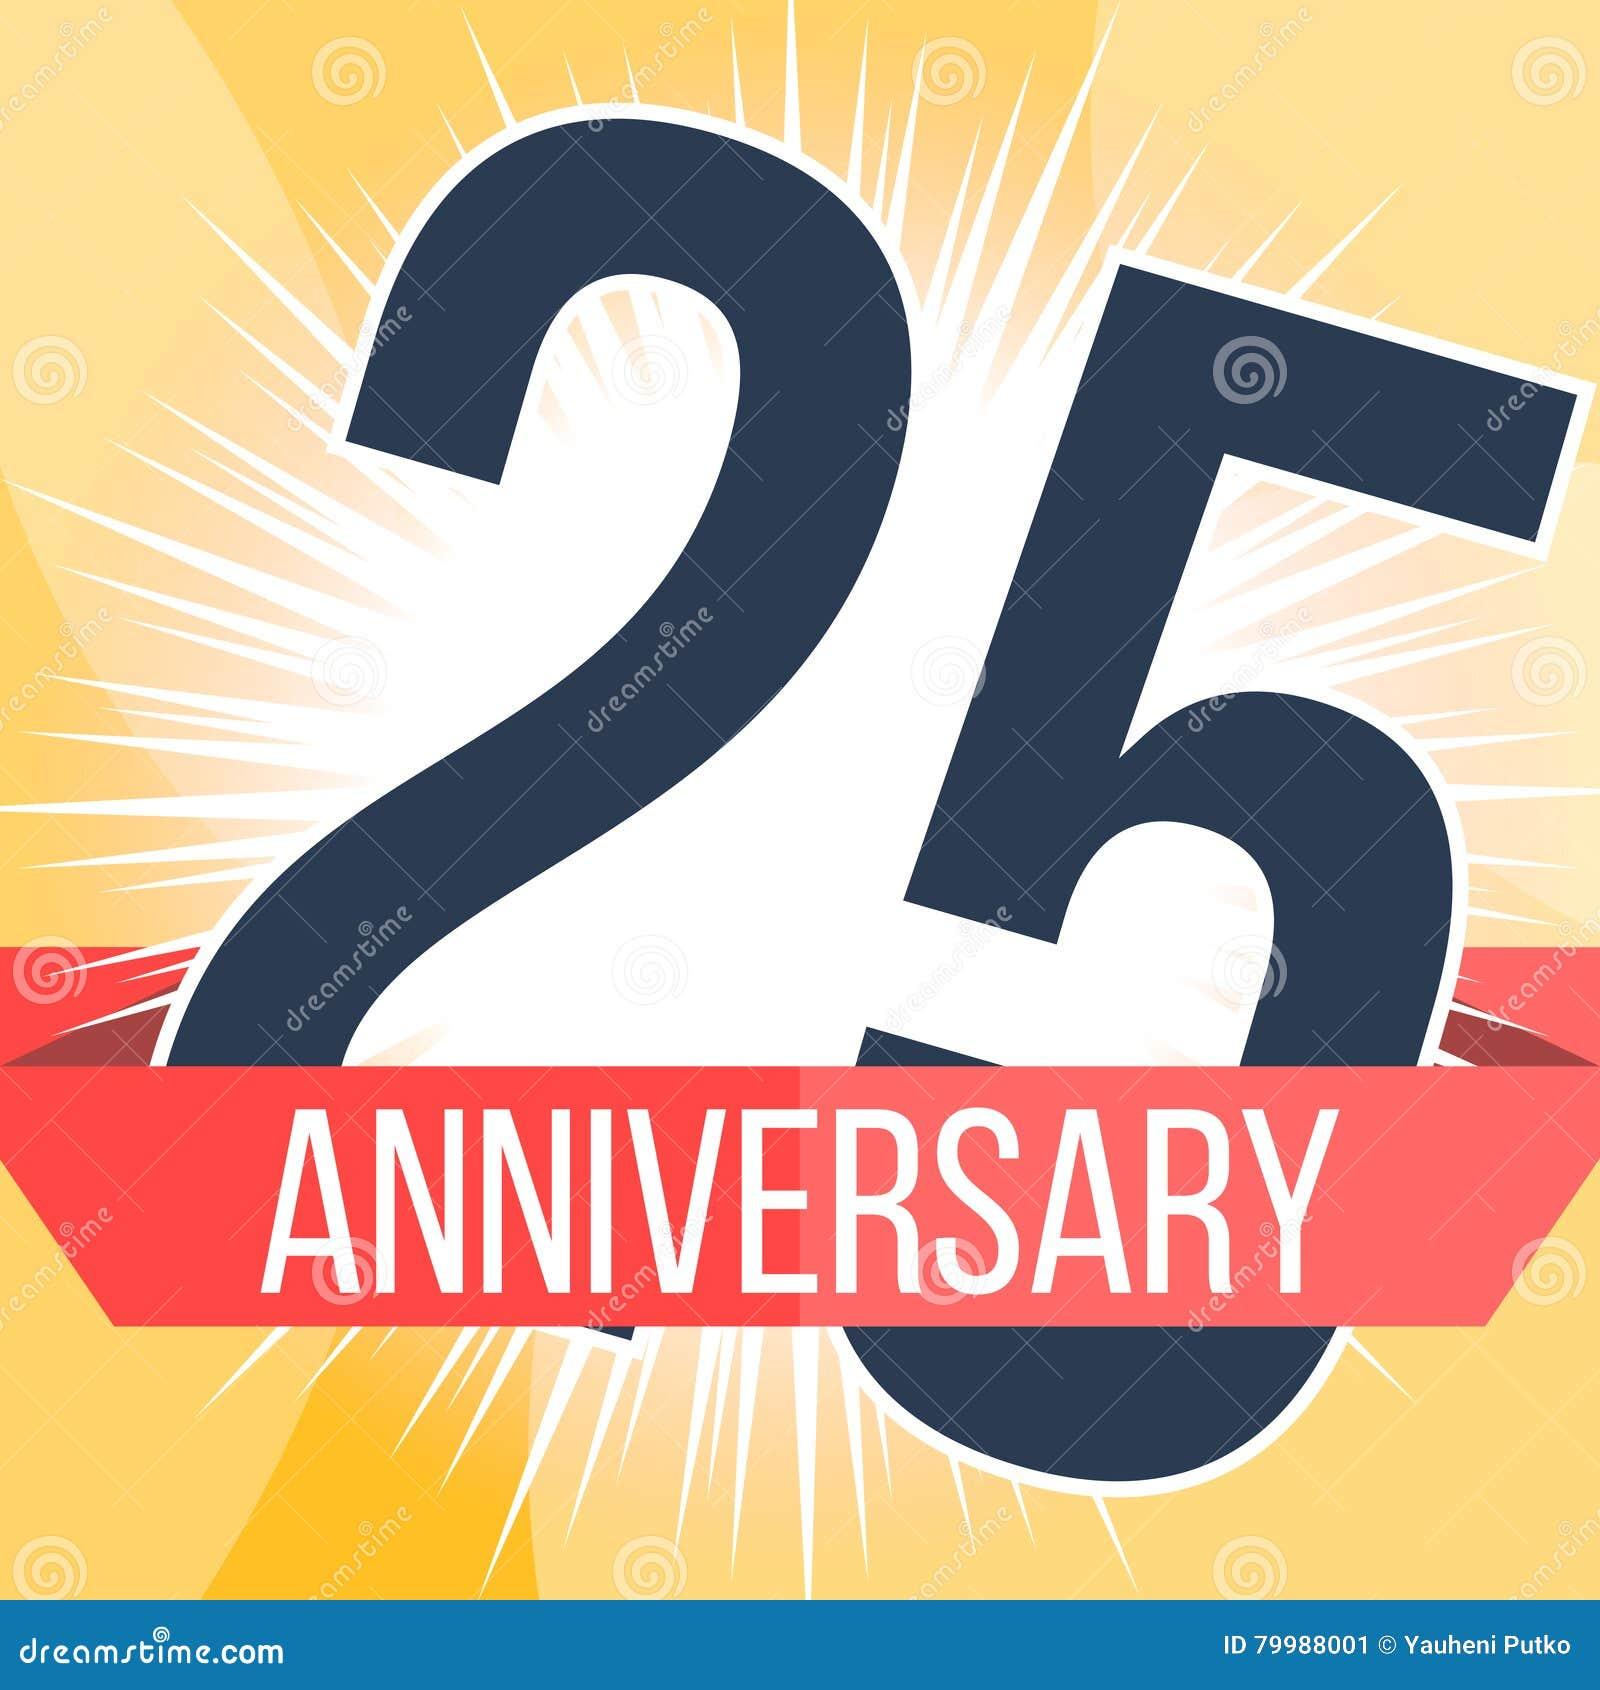 Twenty five years anniversary banner th